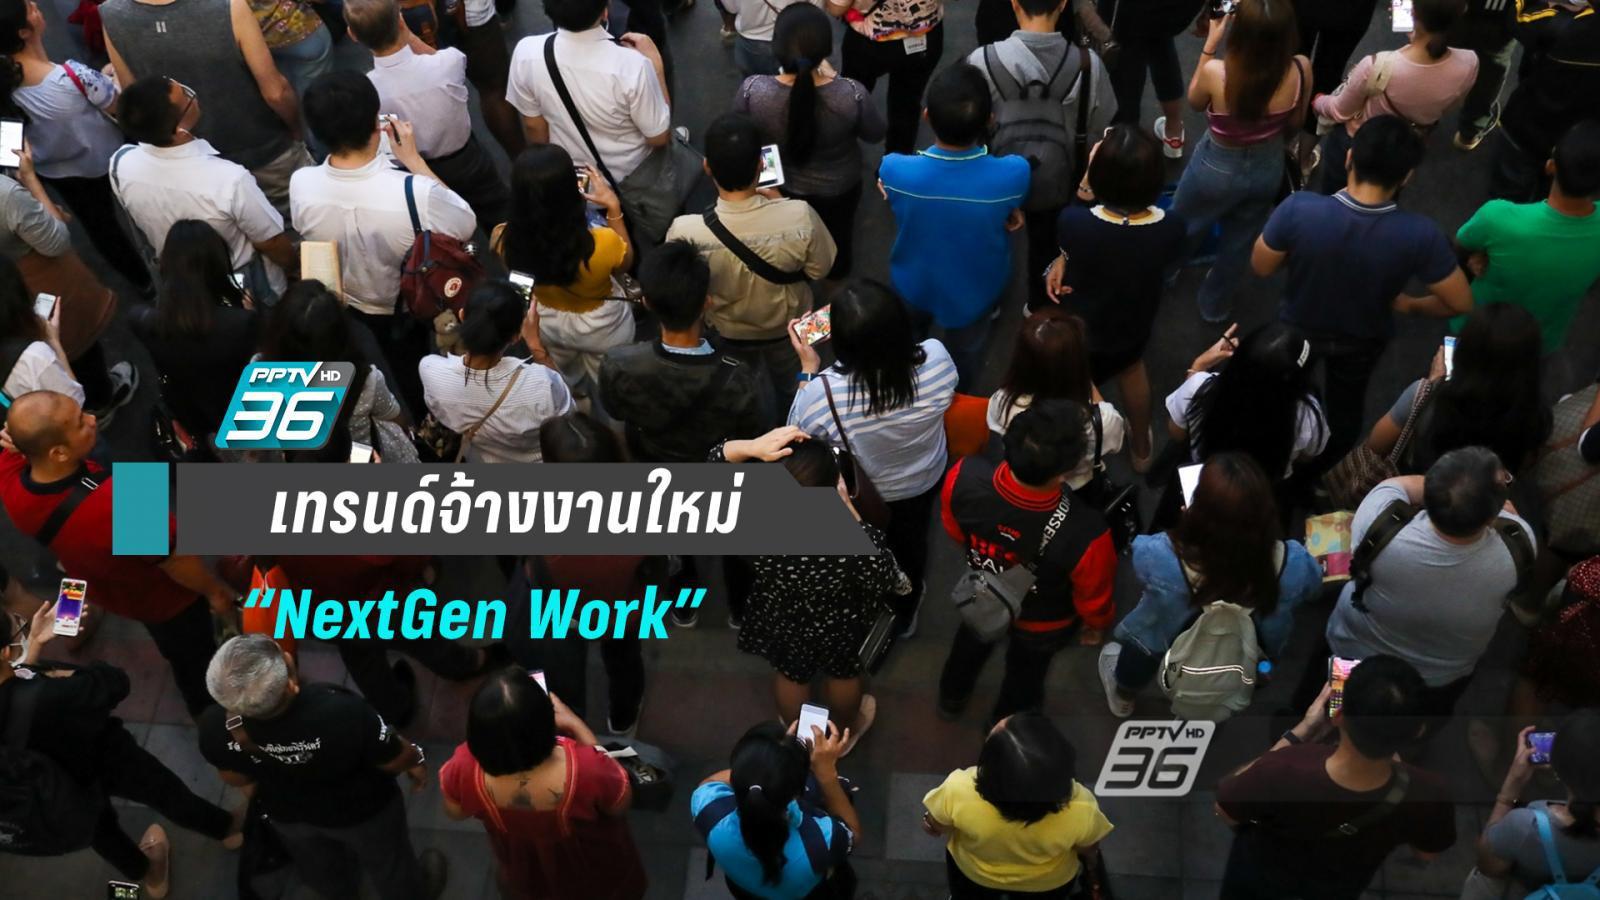 """เทรนด์จ้างงานใหม่ """"NextGen Work"""" อิสระทั้ง """"นายจ้าง-ลูกจ้าง"""""""